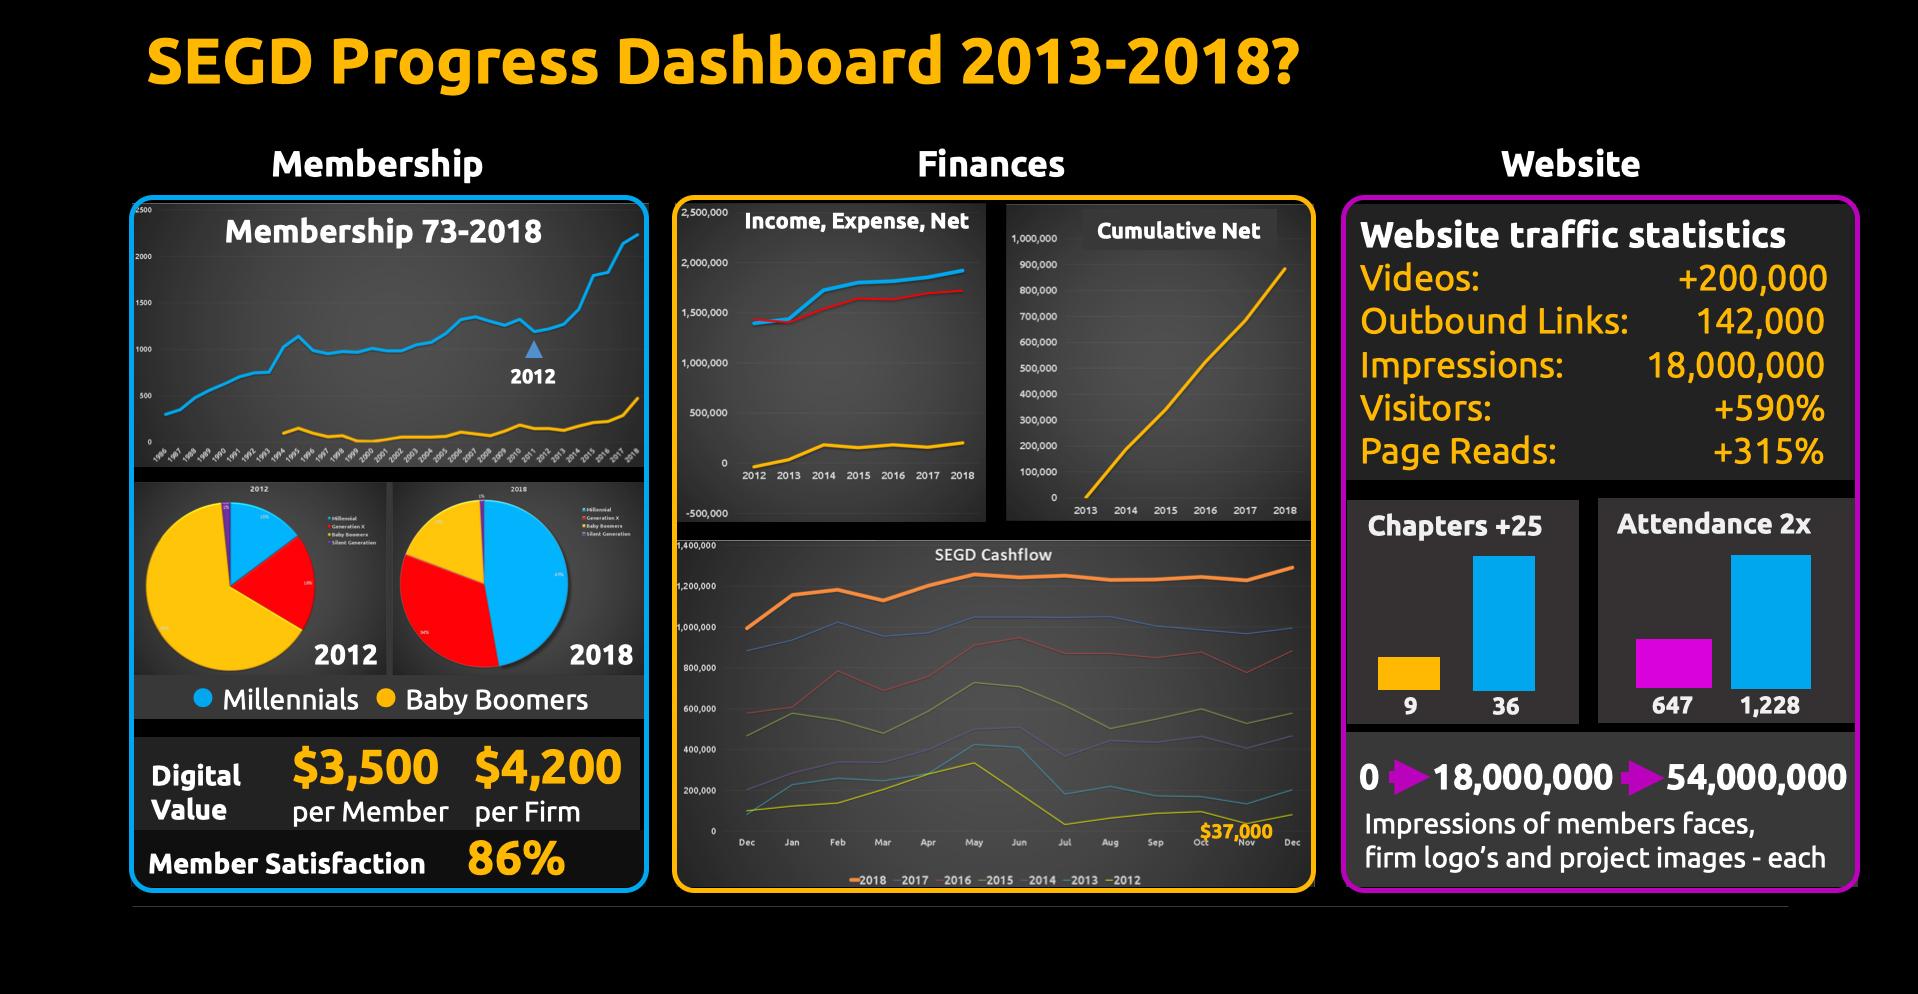 SEGD Progress Dashboard 2013-2018